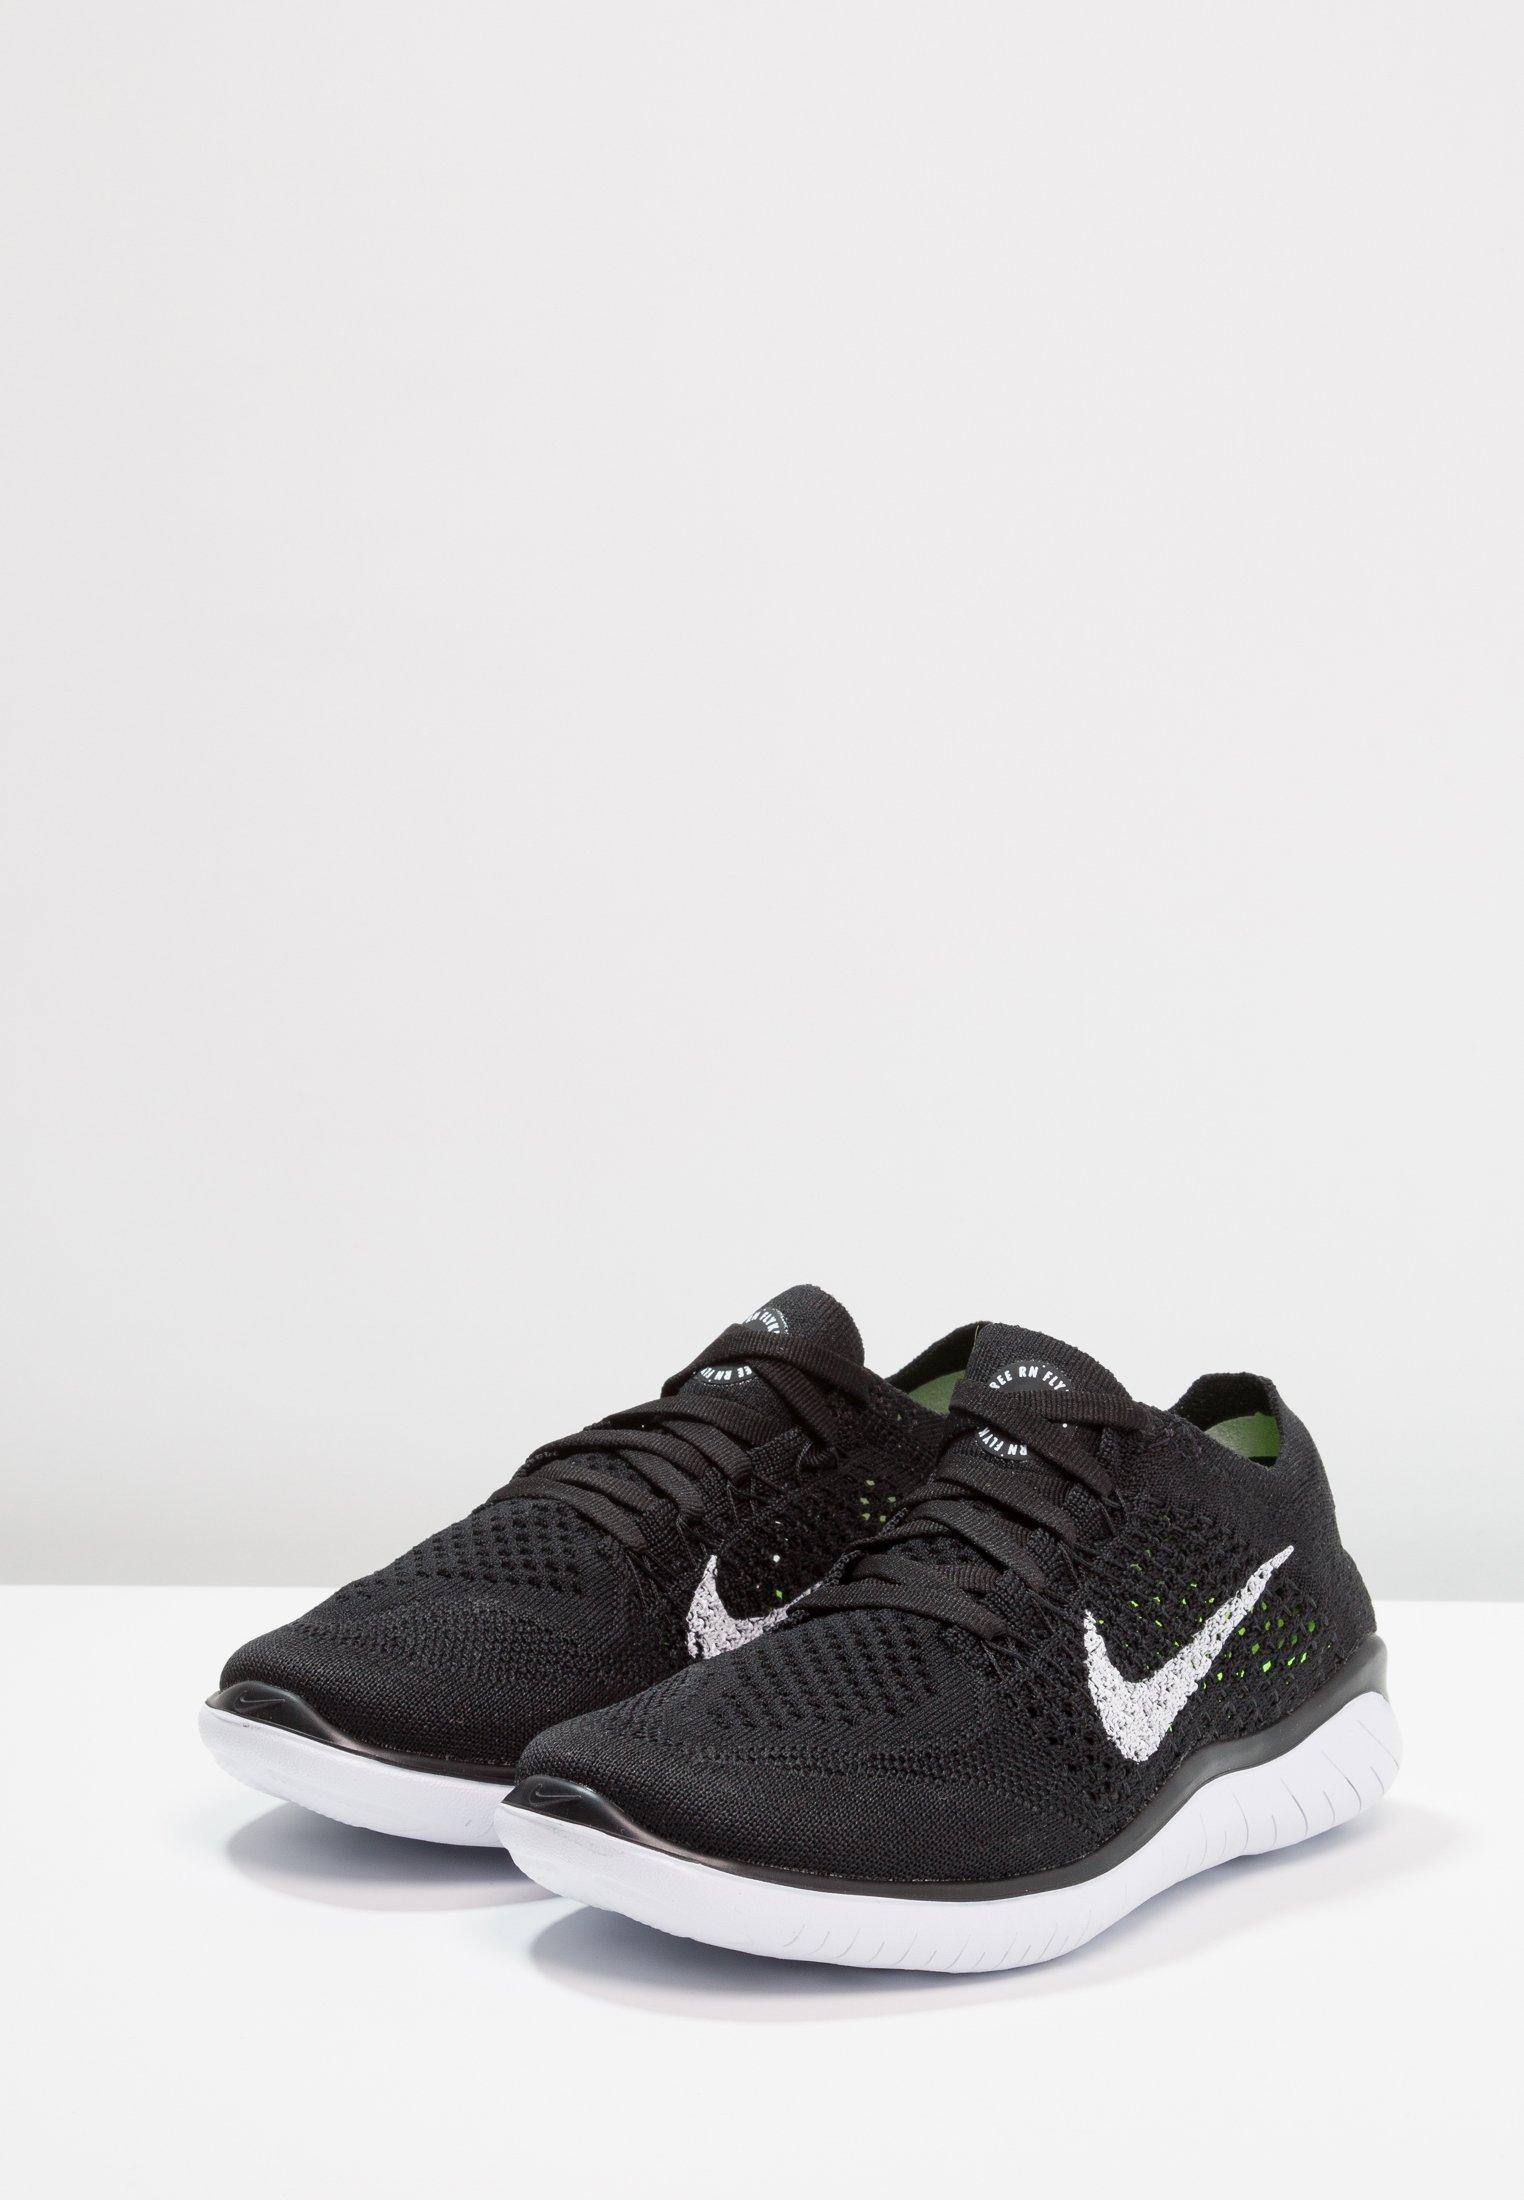 Kjøp Nike Free Rn 2018 Blackanthracite sko Online   FOOTWAY.no